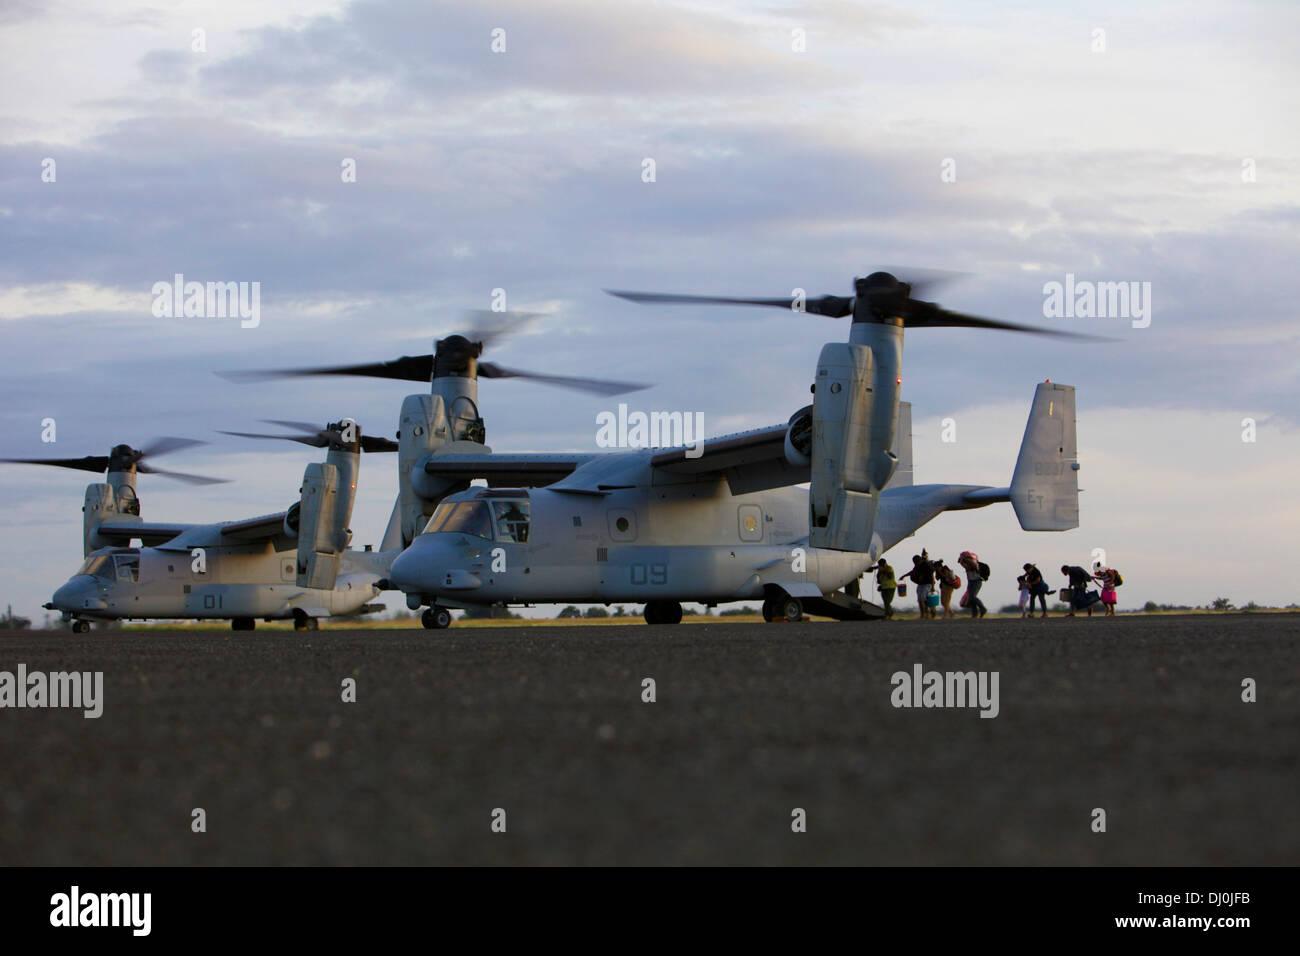 Citoyens philippins à bord d'un MV-22B Osprey à Tacloban Air Base, 16 novembre dans le cadre de l'opération Damayan. L'Osprey offre une capacité unique dans ce type de fonctionnement en raison de ses capacités de décollage et d'atterrissage vertical et sa capacité à convertir quickl Photo Stock